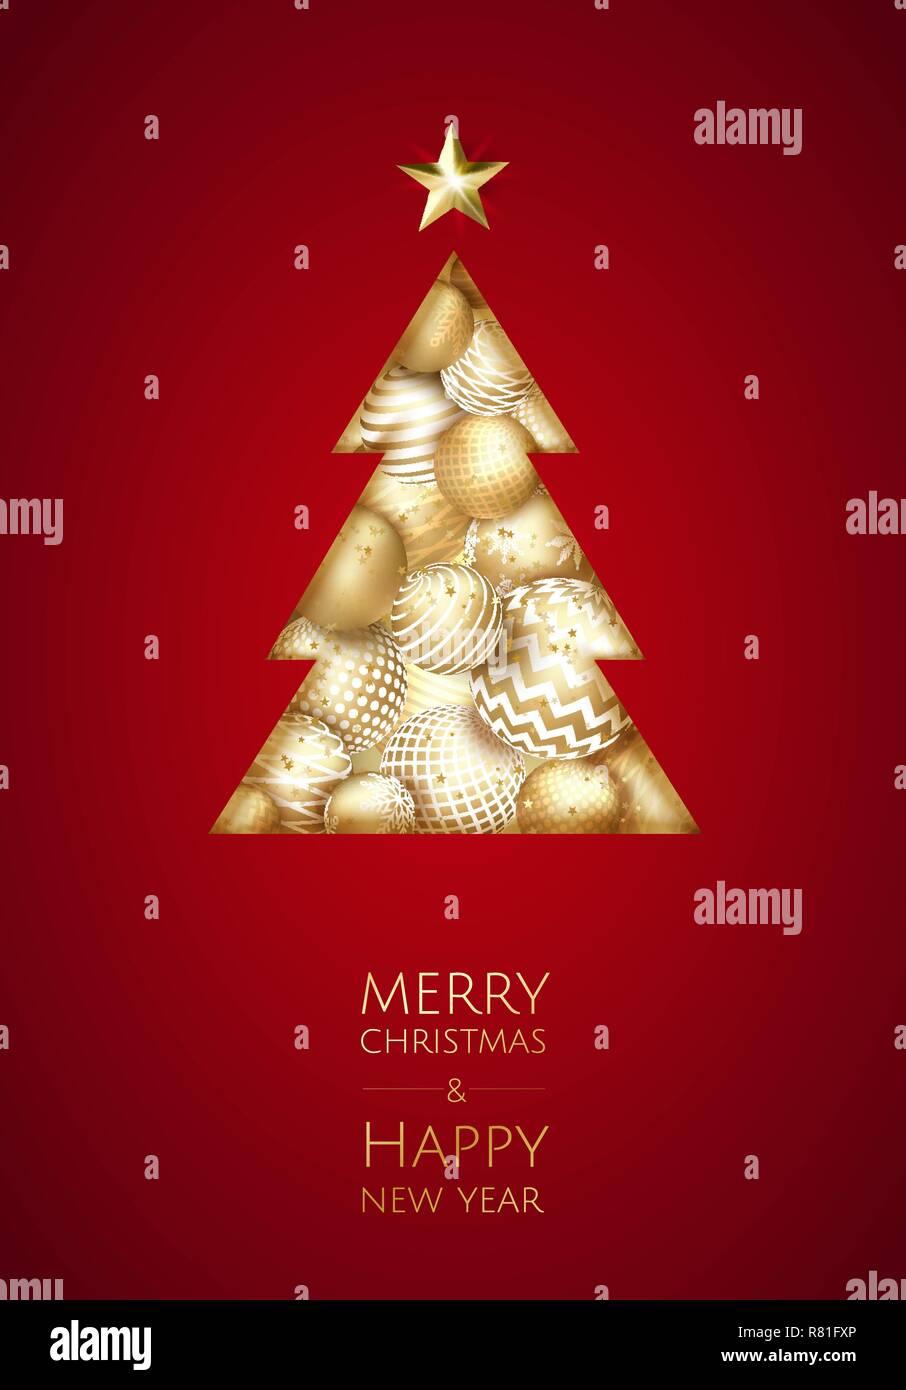 Frohe Weihnachten Guten Rutsch Ins Neue Jahr.Frohe Weihnachten Und Guten Rutsch Ins Neue Jahr Vektor Moderne